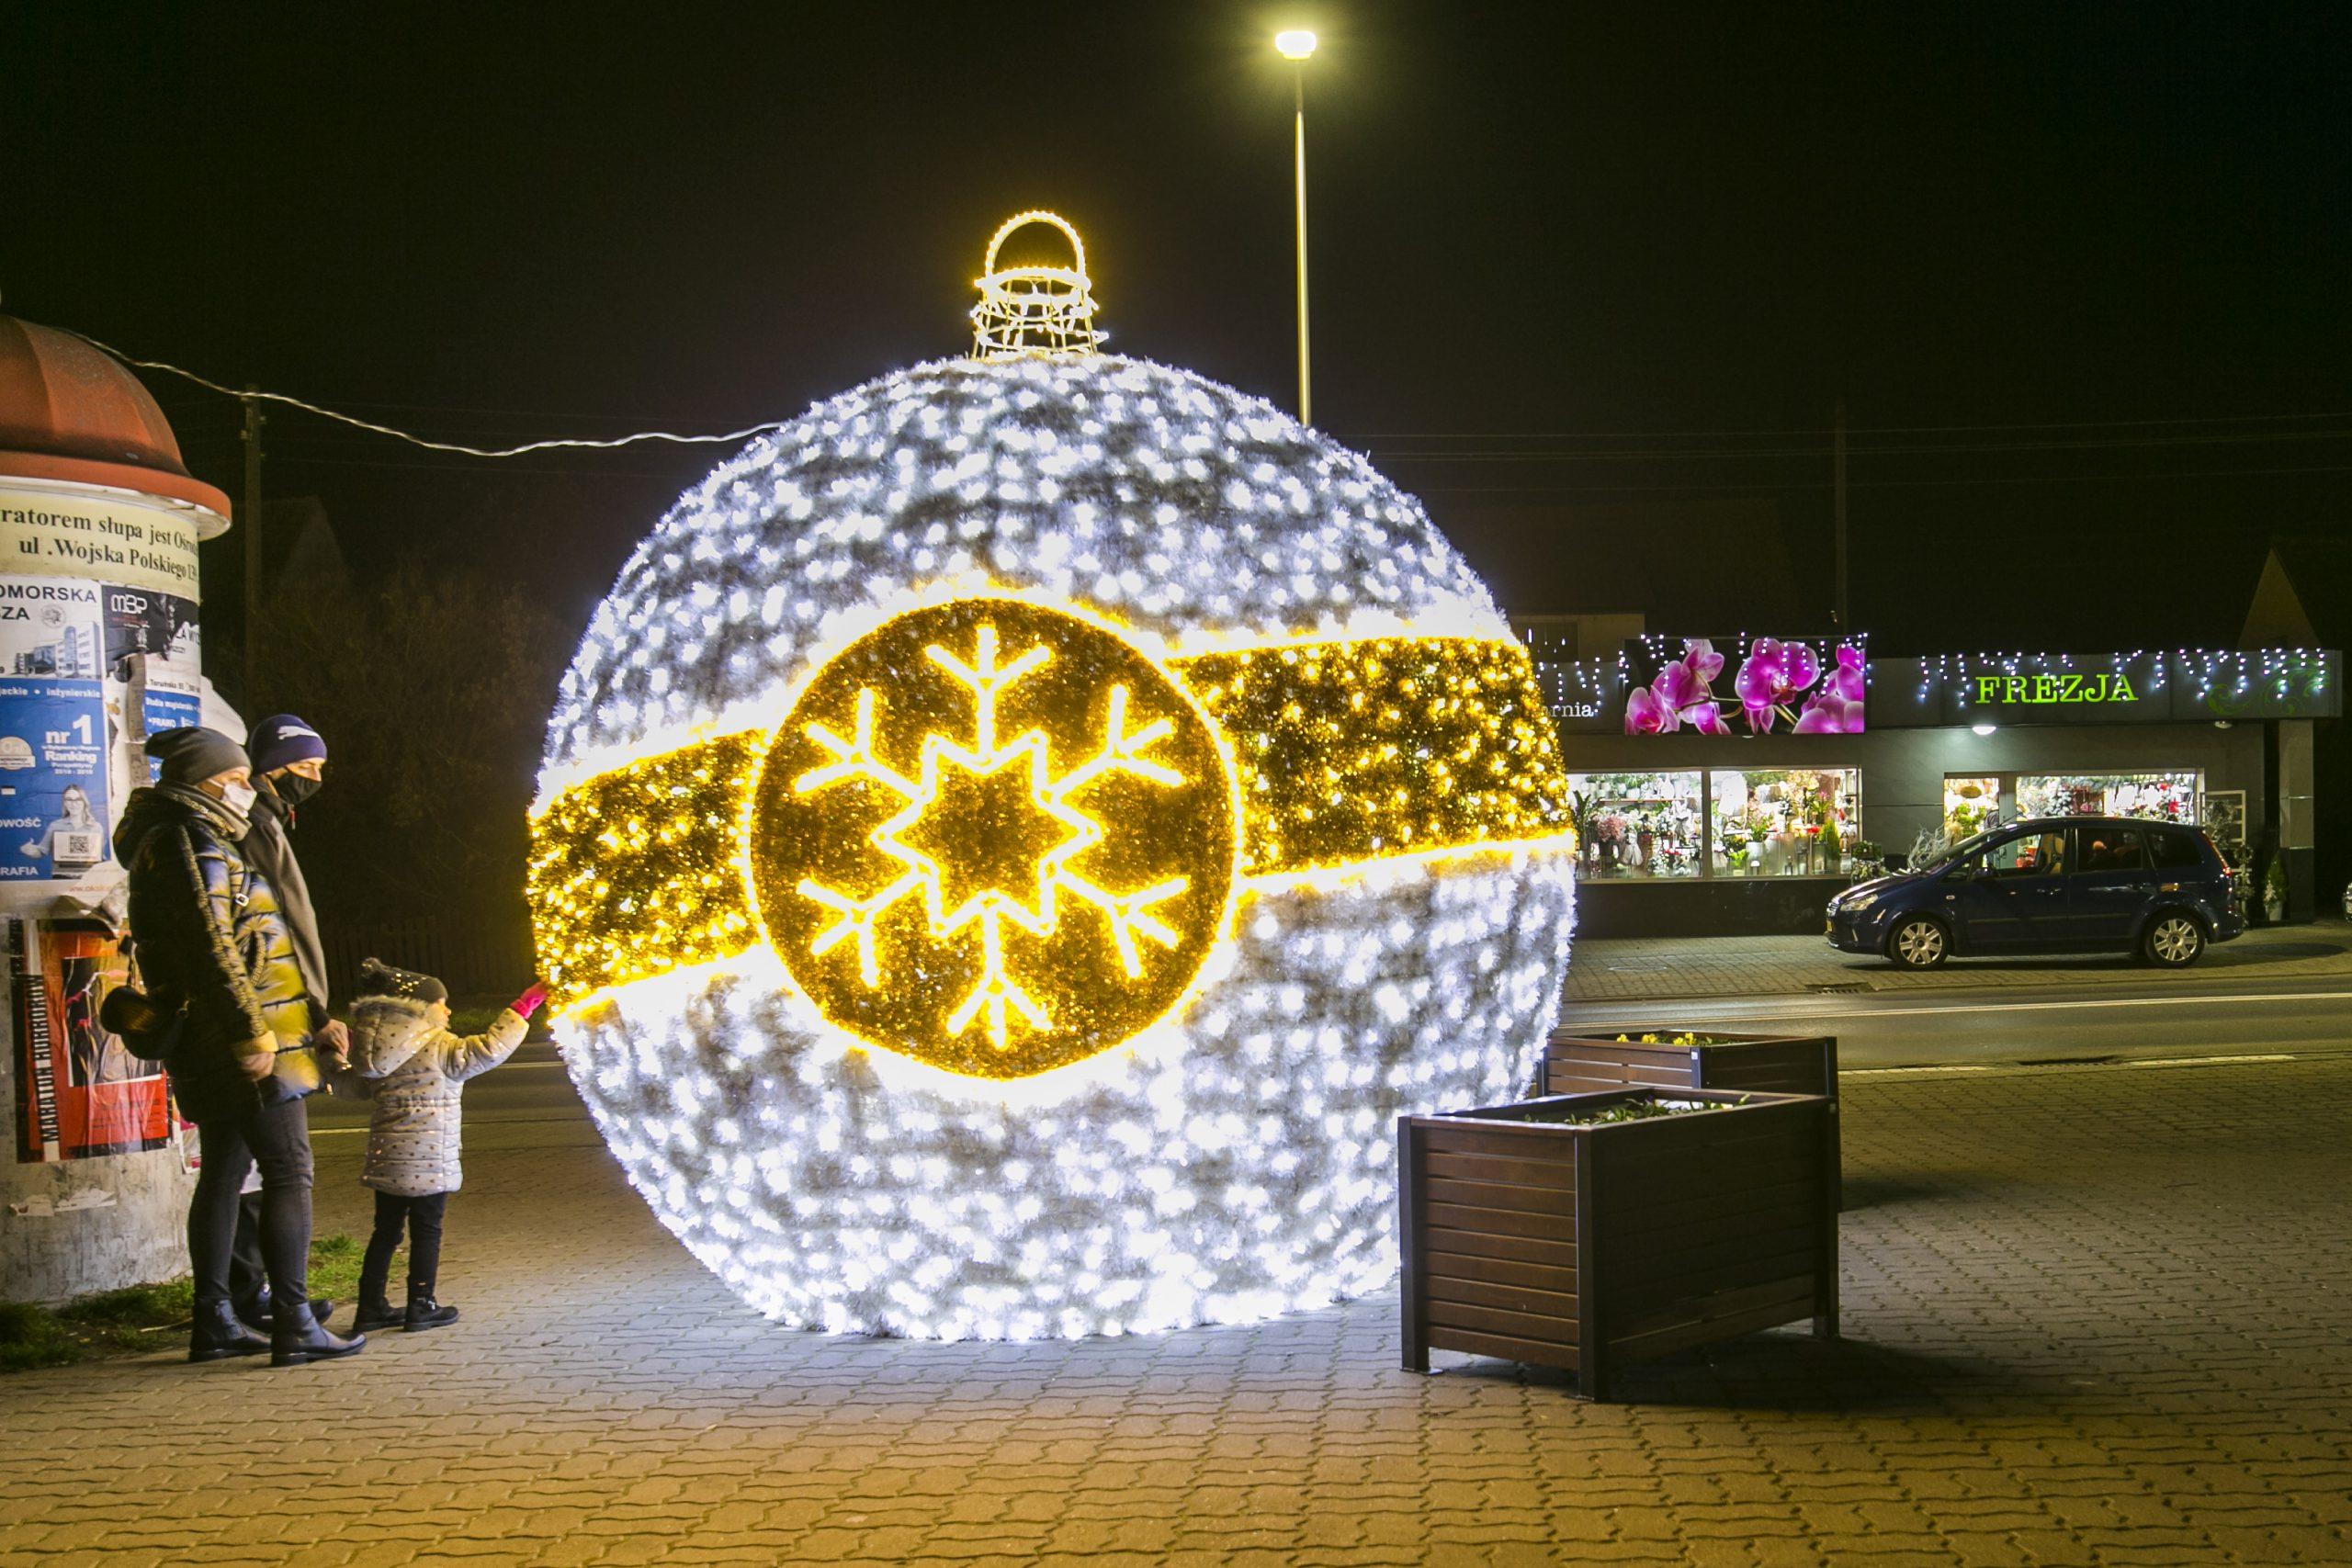 rozświetlona bombka świąteczna dużych rozmiarów, obok rodzina z dzieckiem